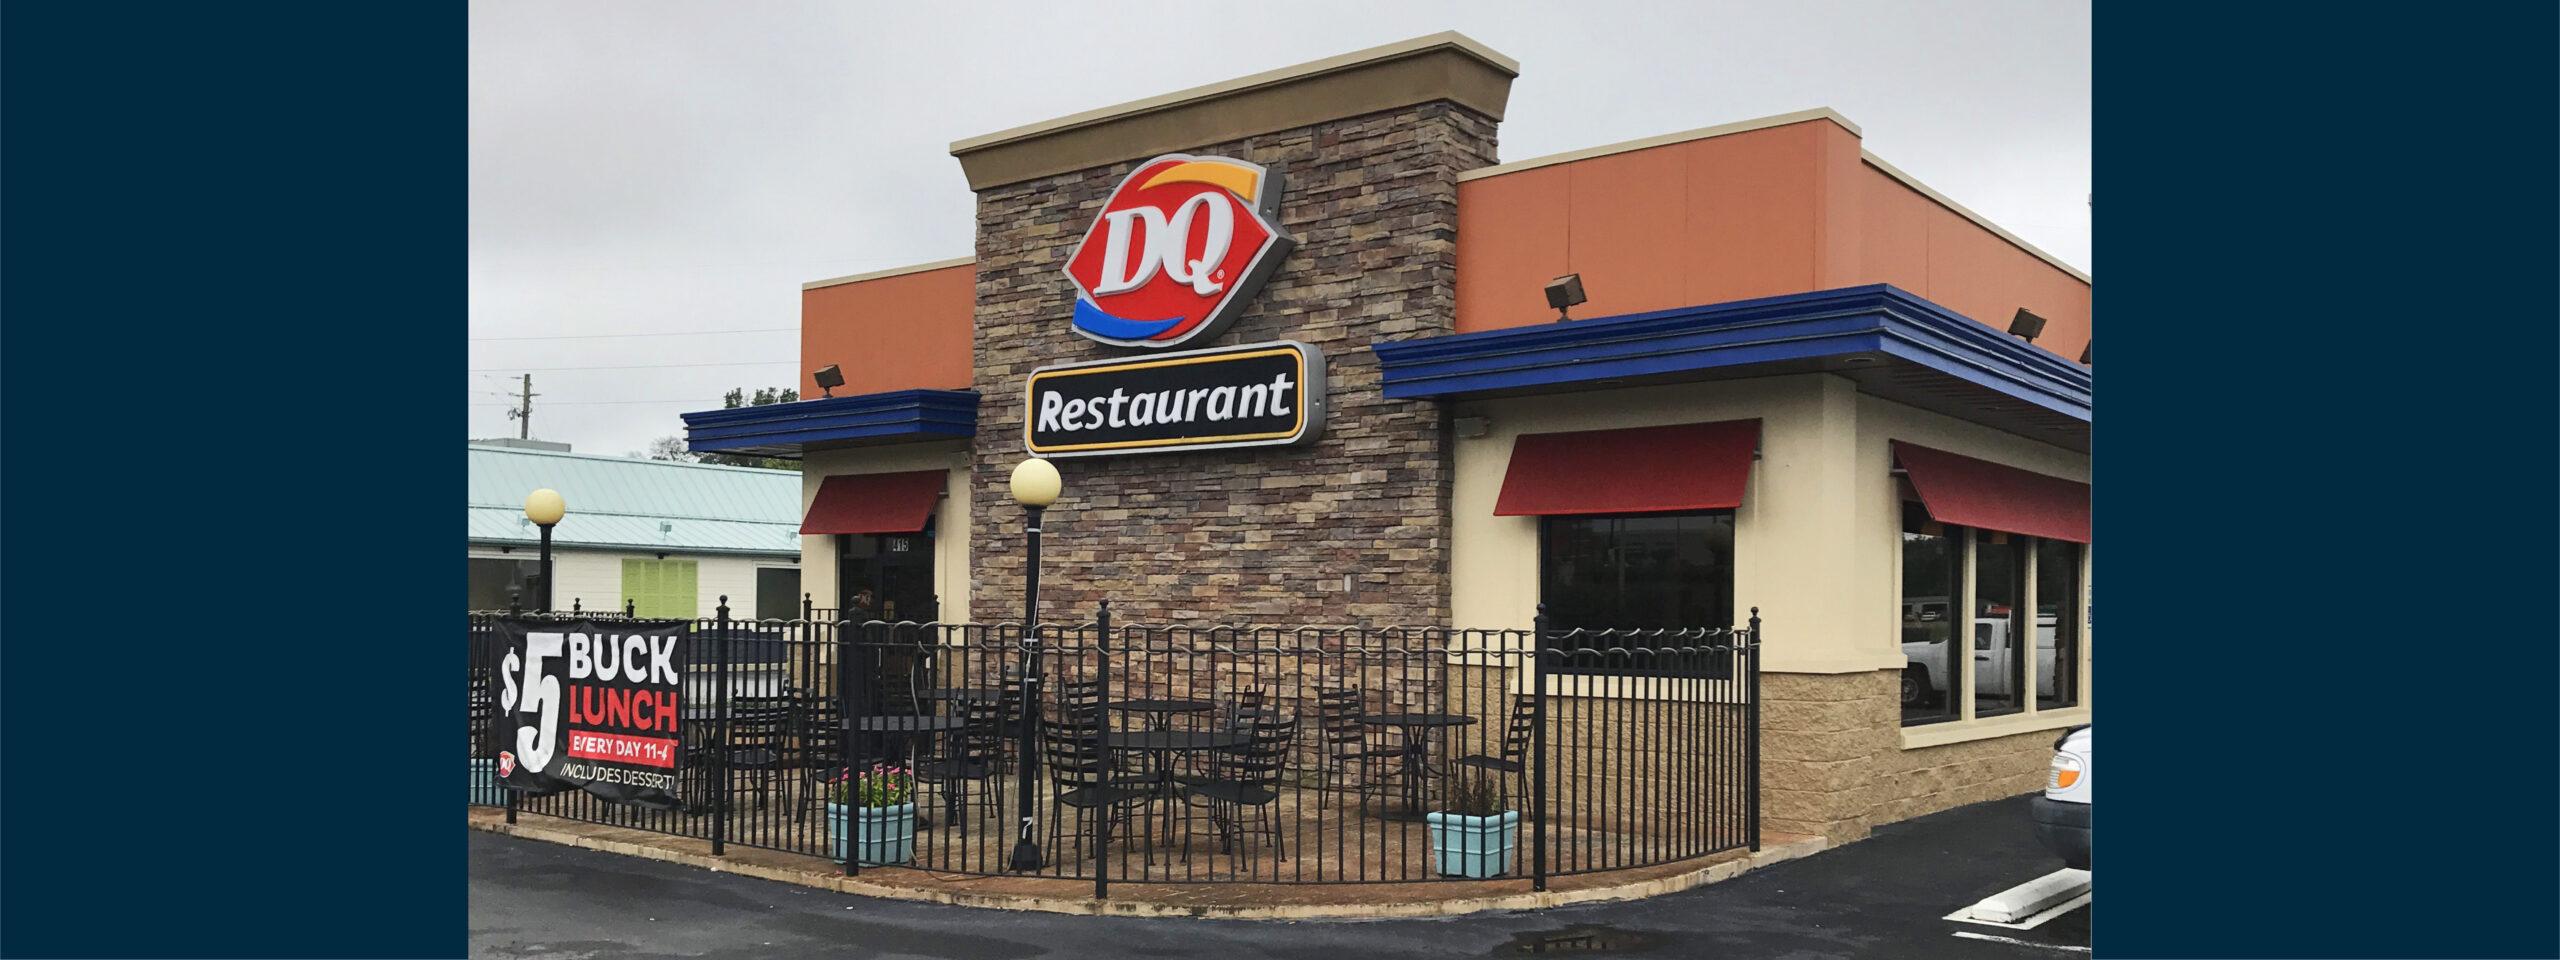 Gadsden, AL Fourteen Foods DQ Restaurant